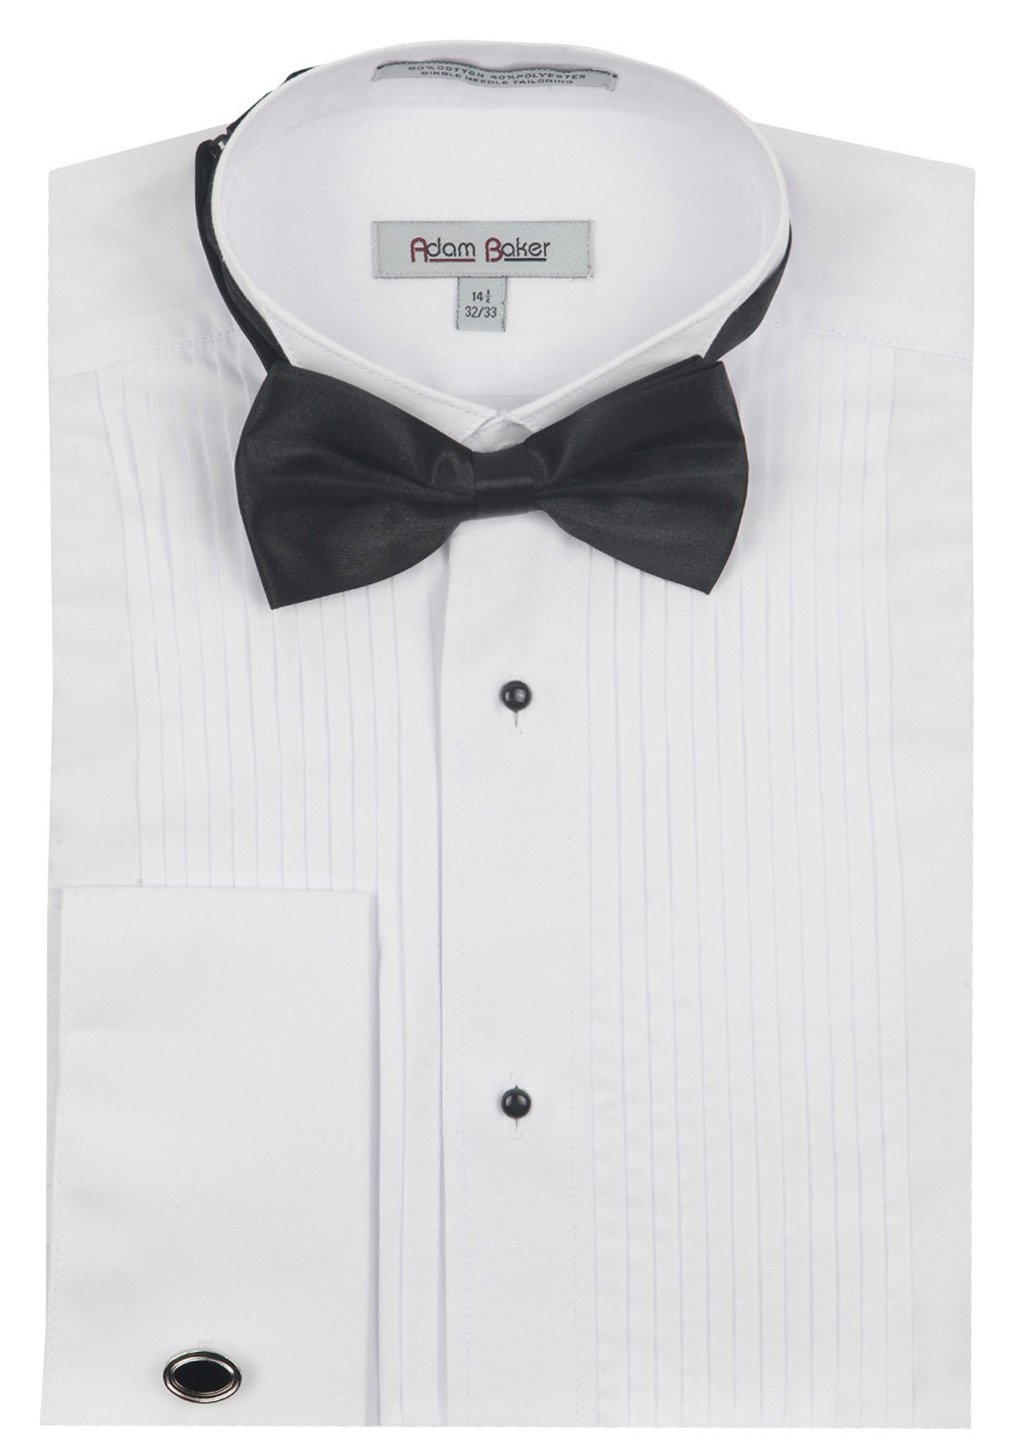 Adam Baker 1922 Men's Regular Fit Wingtip Collar French Cuff Tuxedo Shirt - White - 15 4-5 by Adam Baker